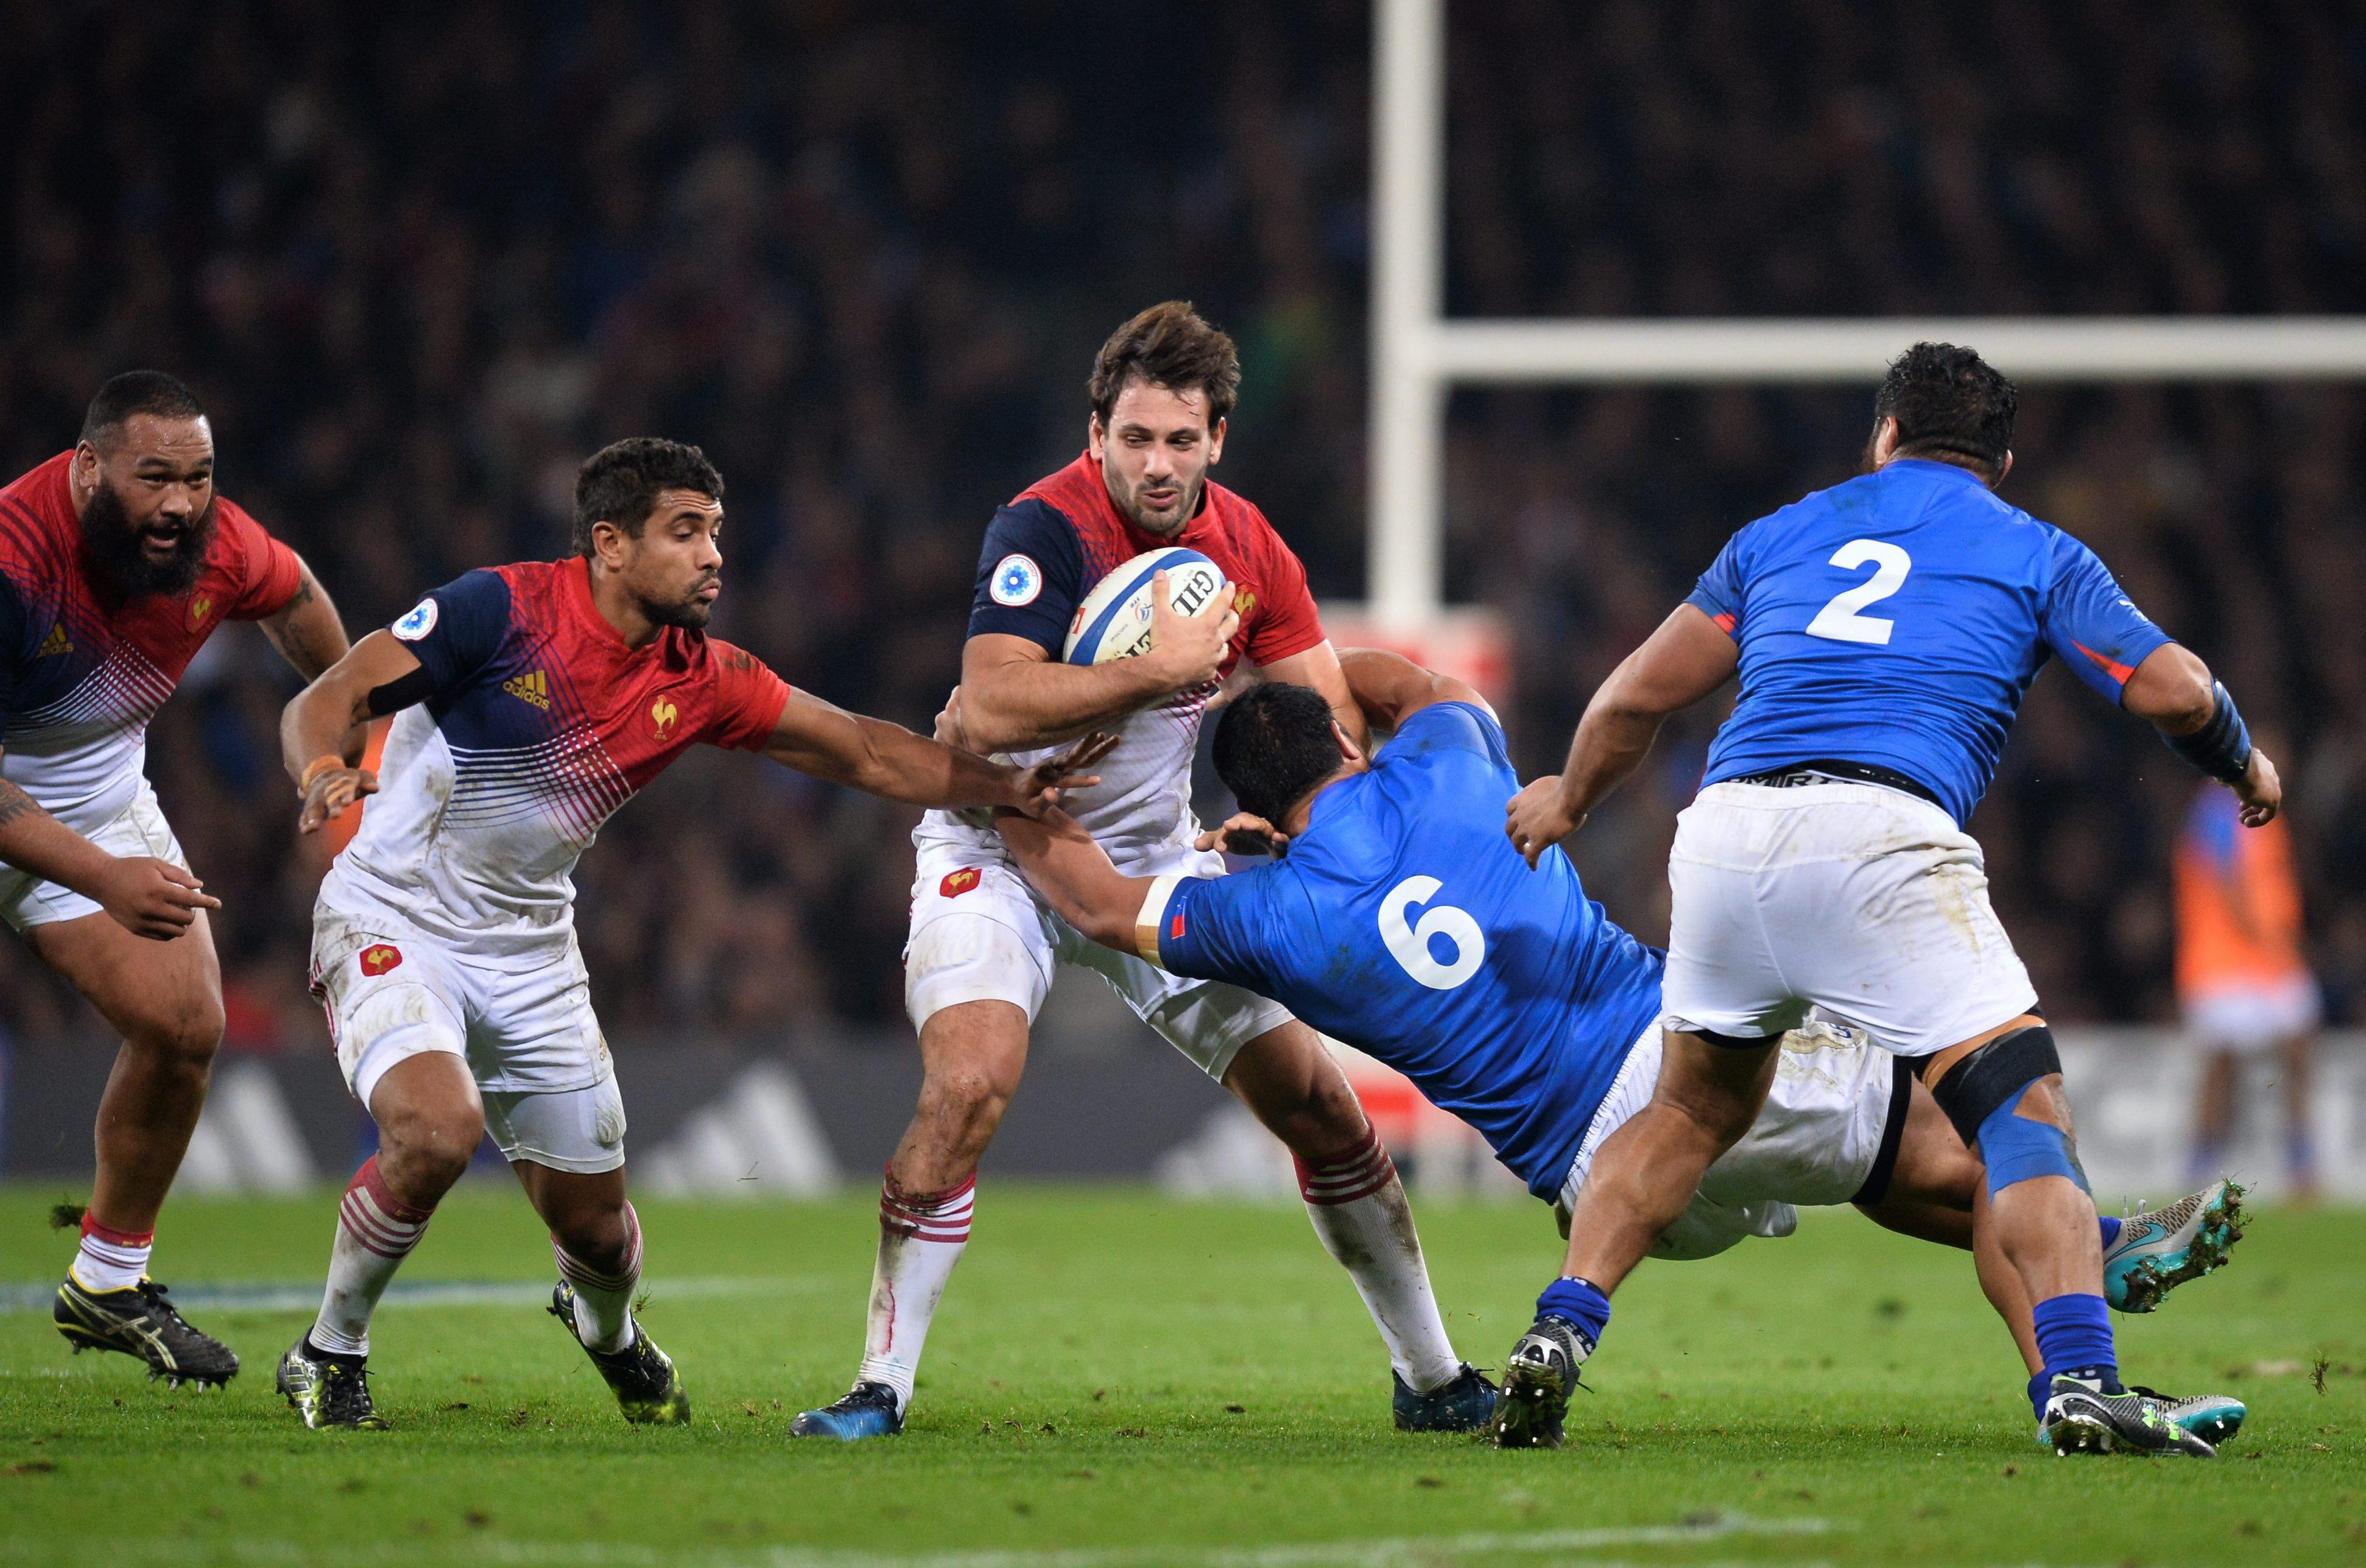 Rugby - XV de France - XV de France : la paire Lamerat-Fofana alignée pour le 3e test